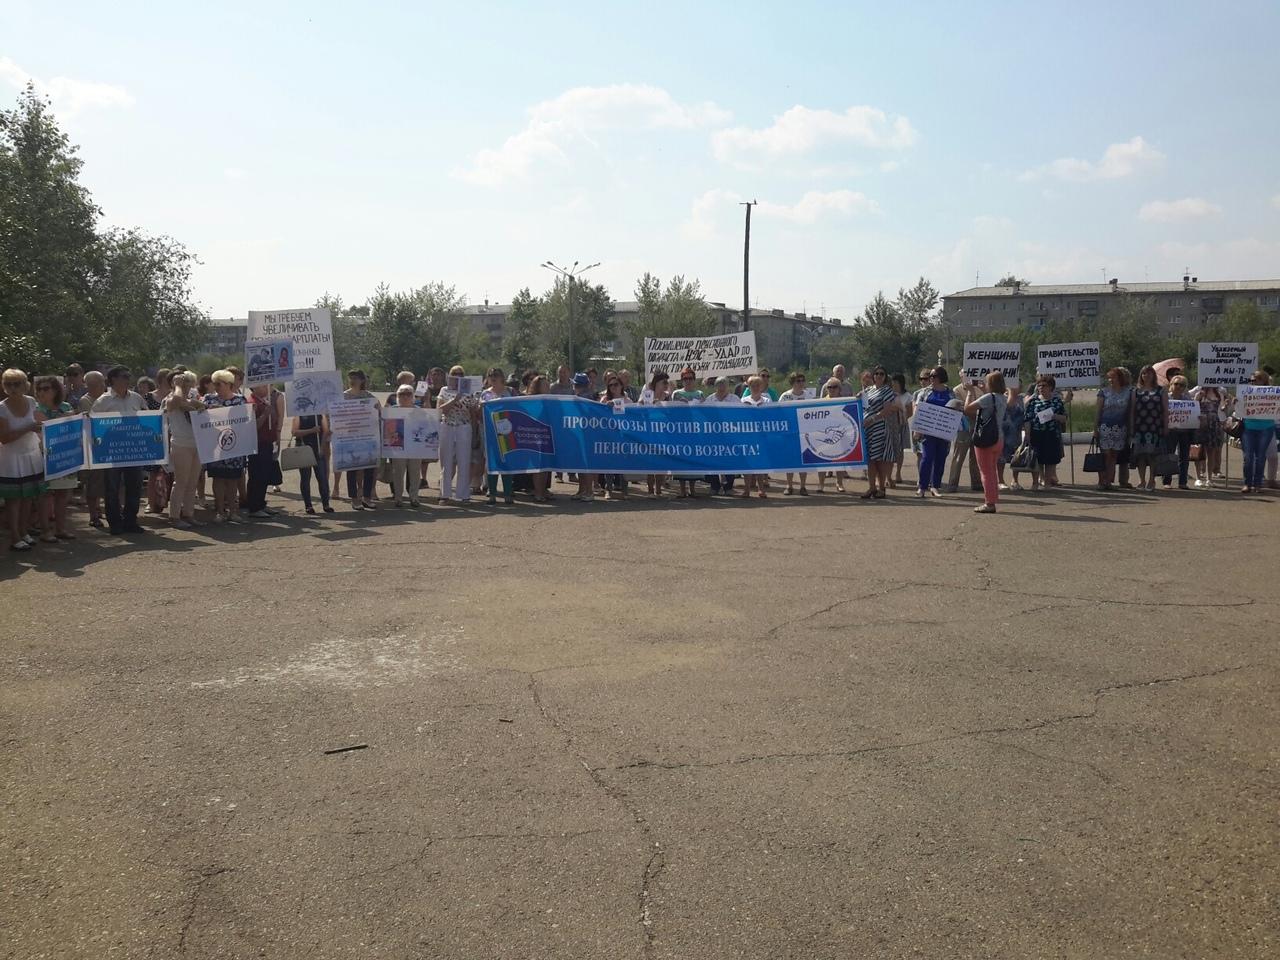 Пикет против повышения пенсионного возраста проходит в Чите